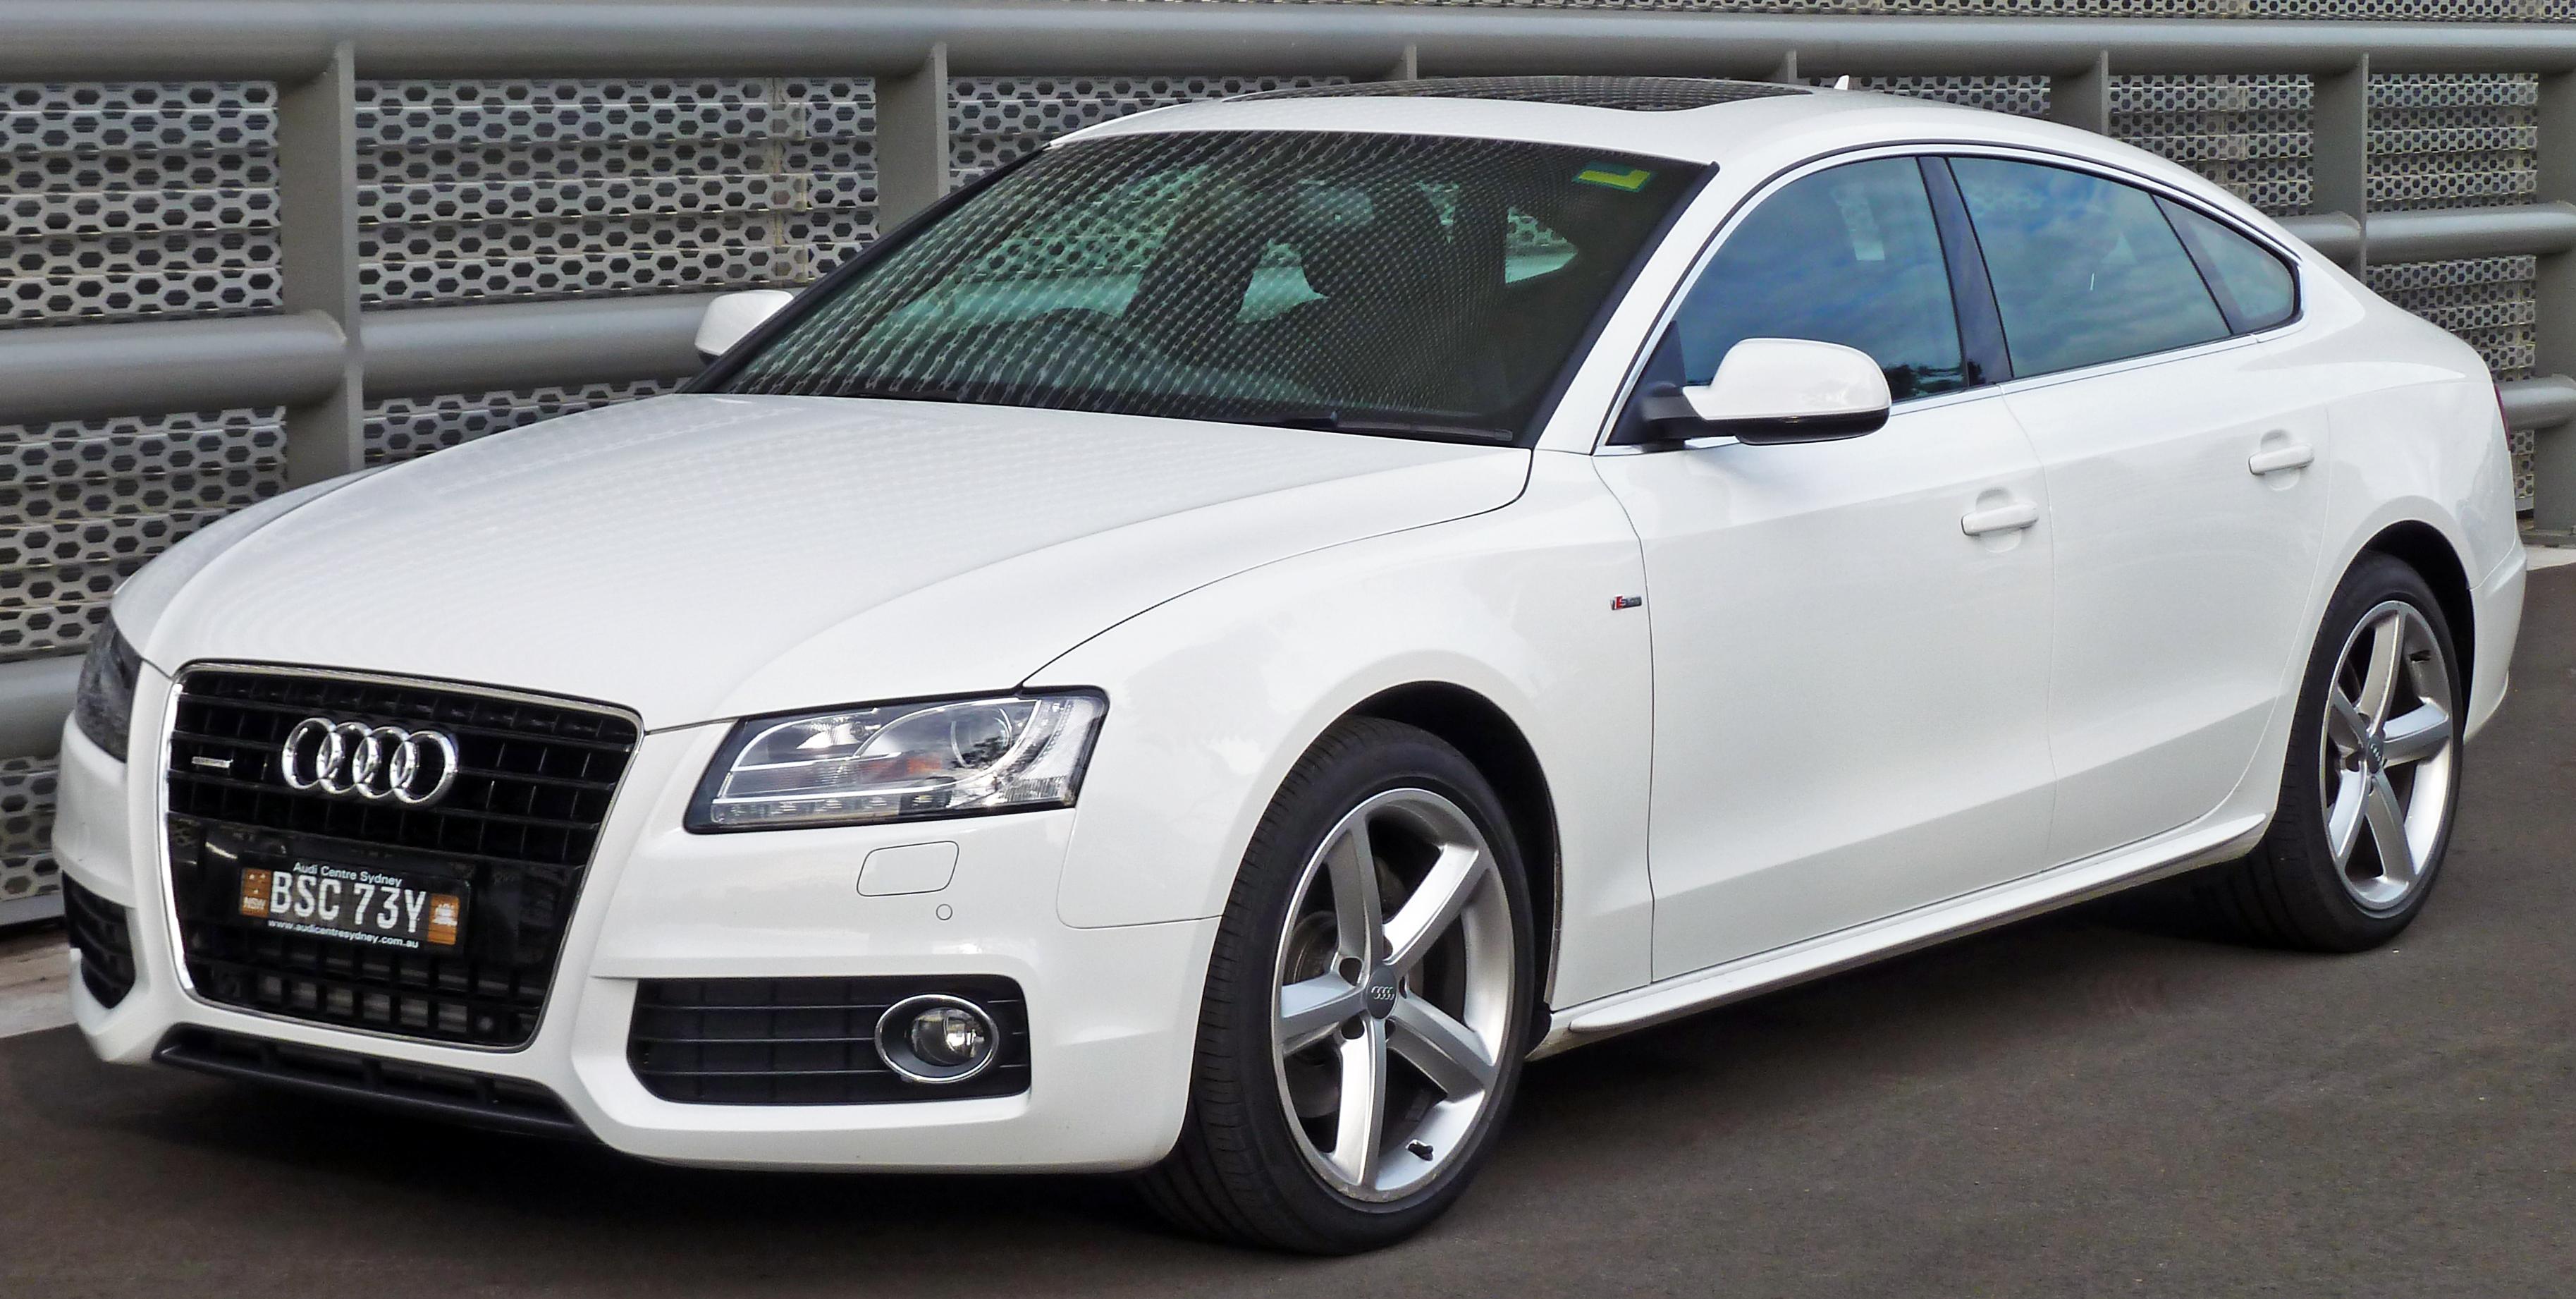 Audi A5 Quotazioni Usato Listino Audi A5 Usata